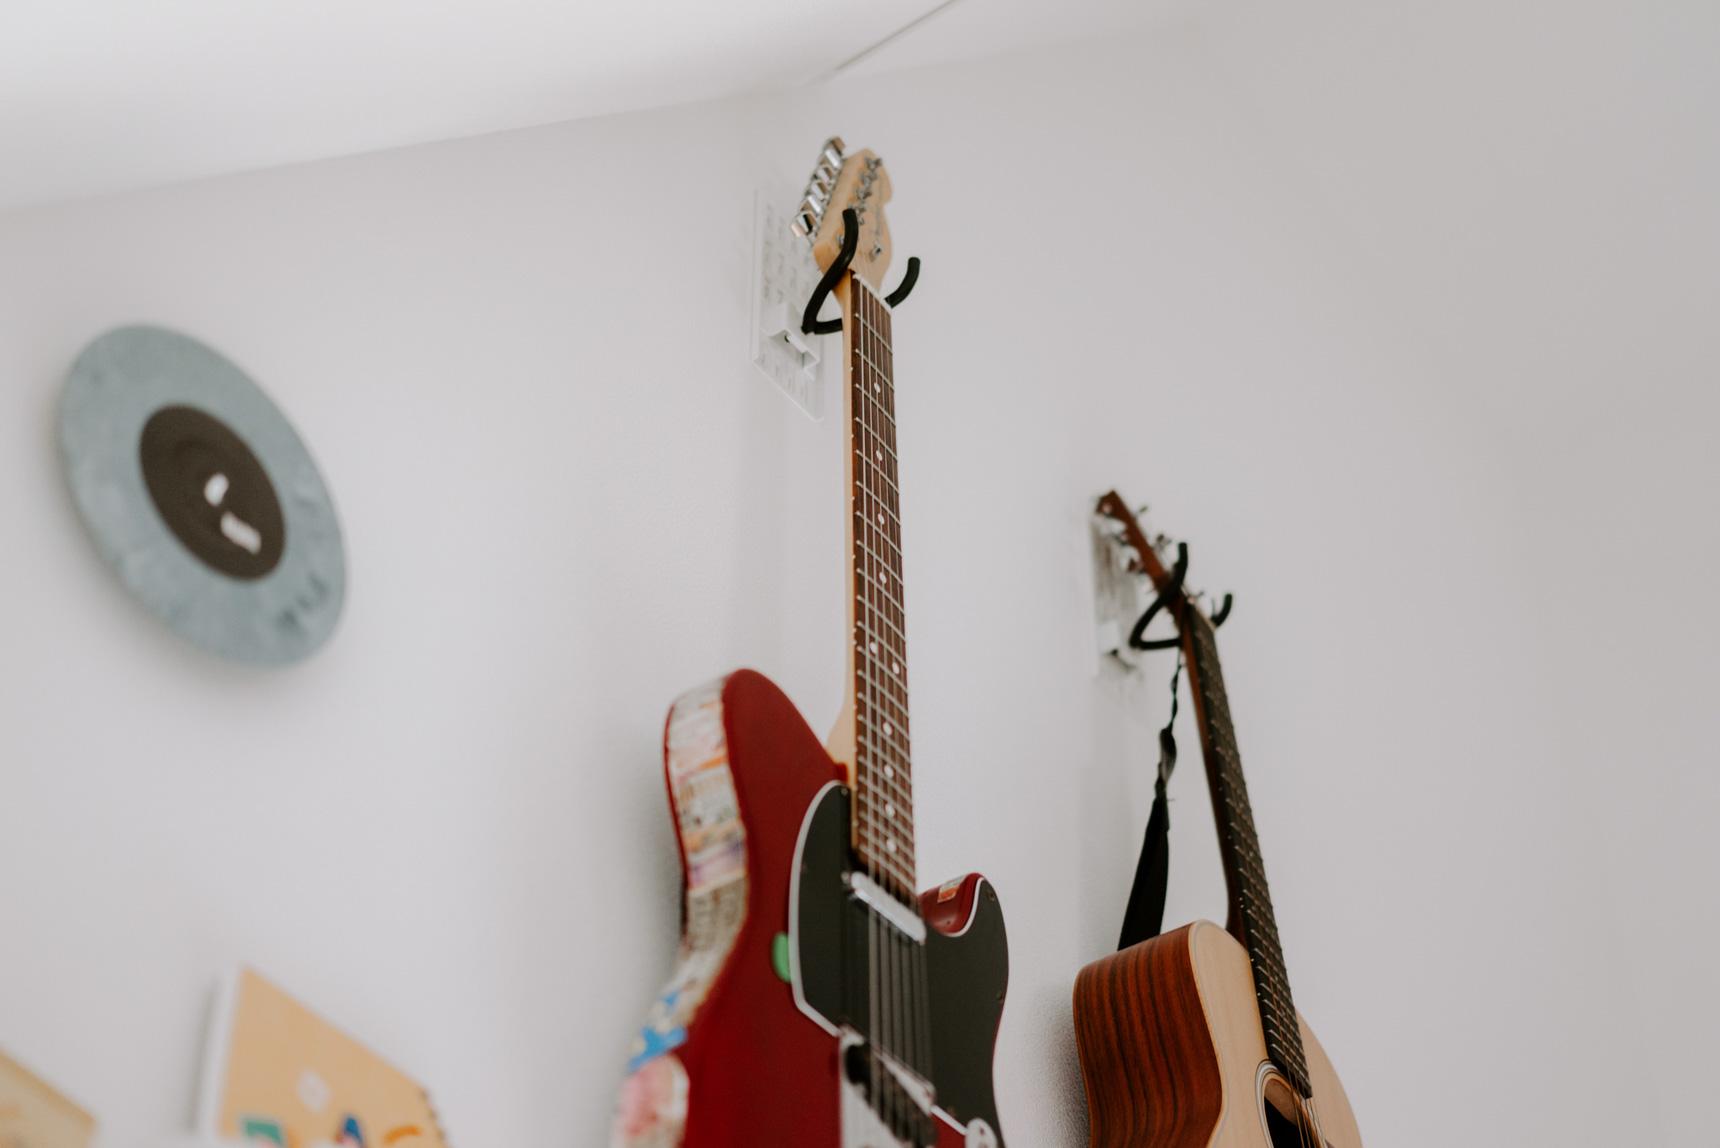 賃貸でも 壁に穴をあけないカスタマイズ方法まとめ Goodroom Journal